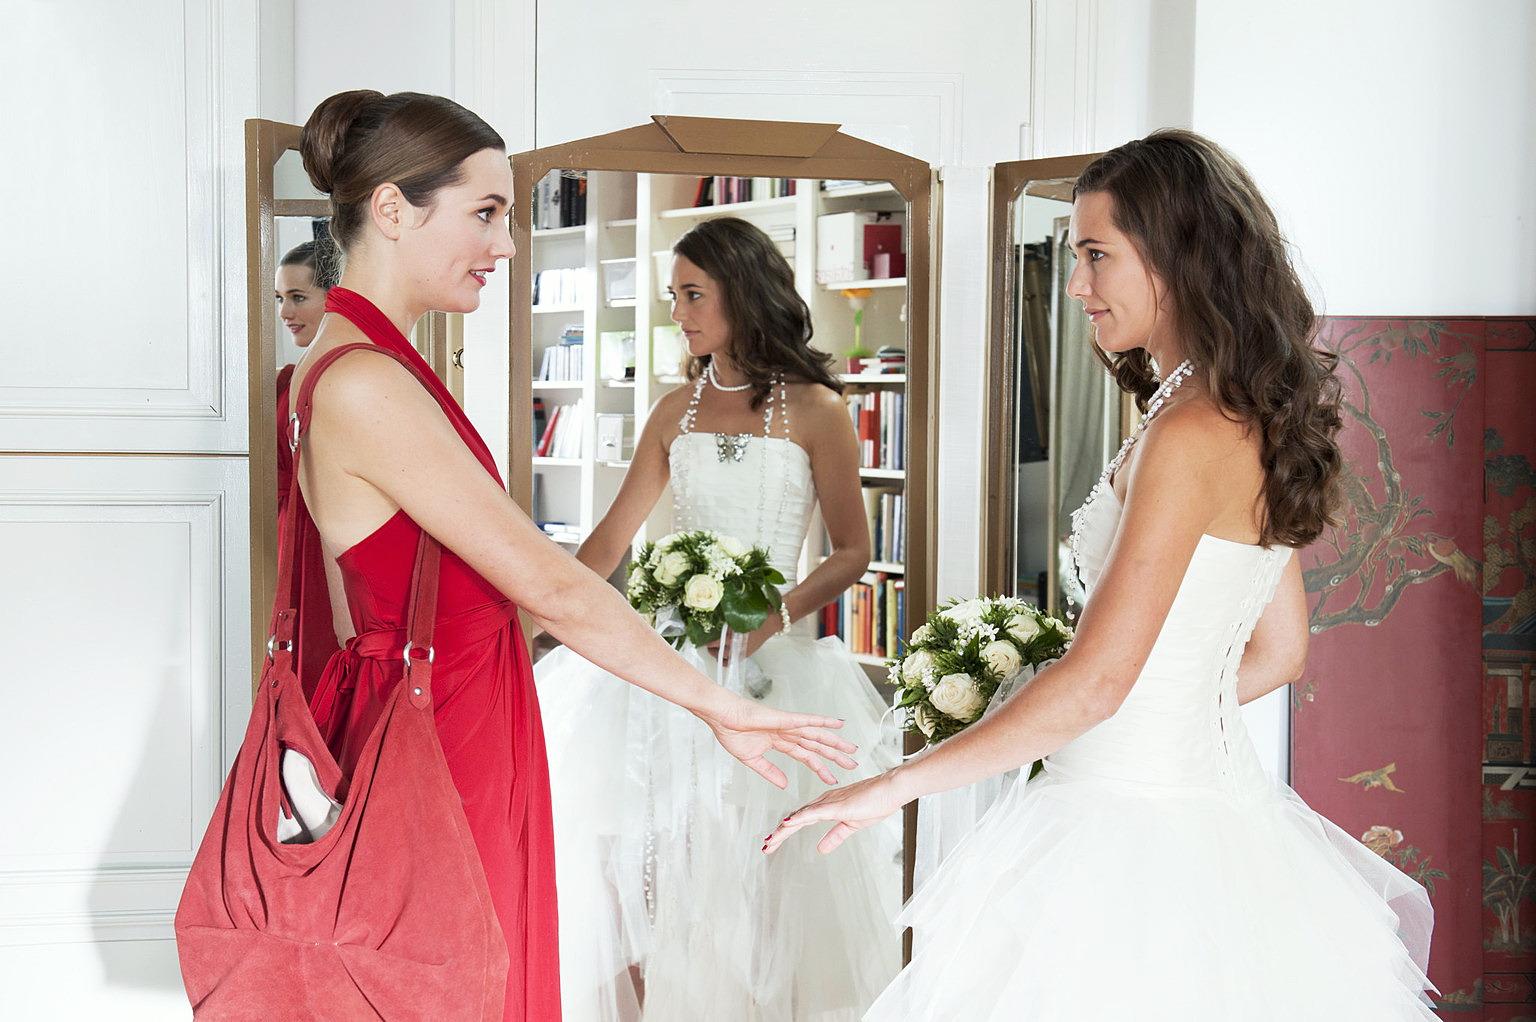 Im Brautkleid meiner Schwester Film (2011) · Trailer · Kritik · KINO.de